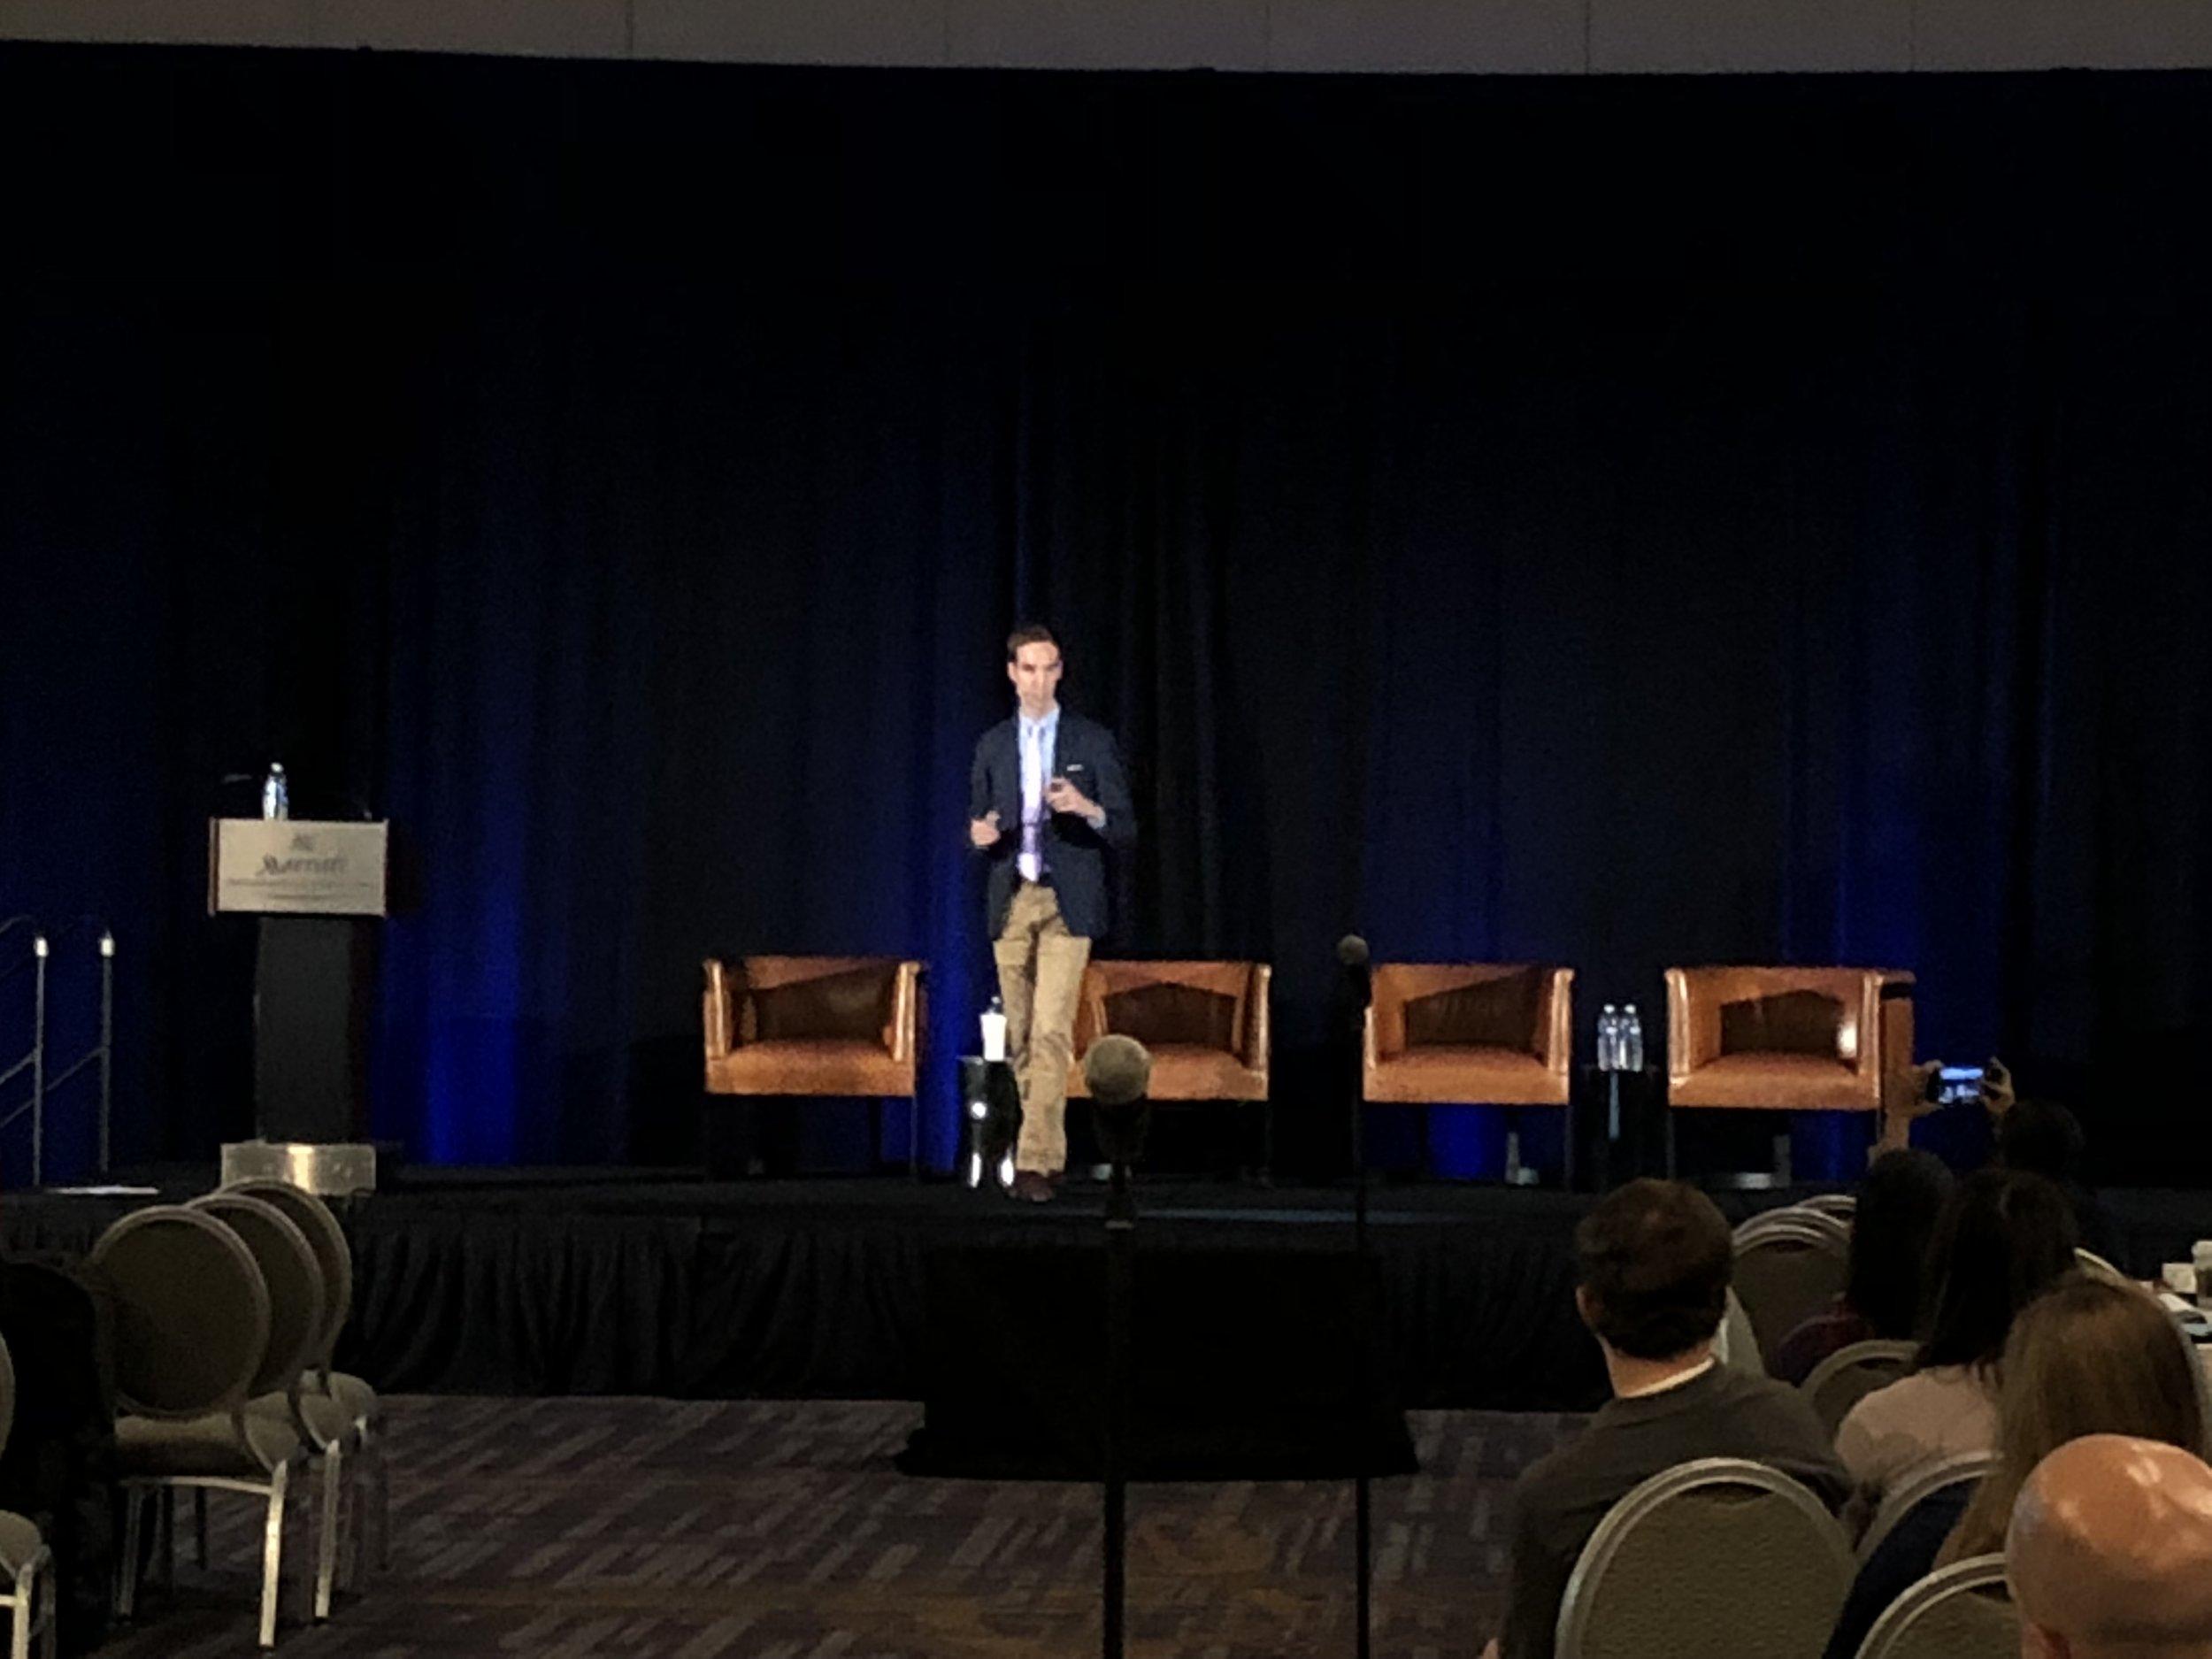 2018.07.15 DPC Hustles Harder AAFP Summit 2018 01.jpeg